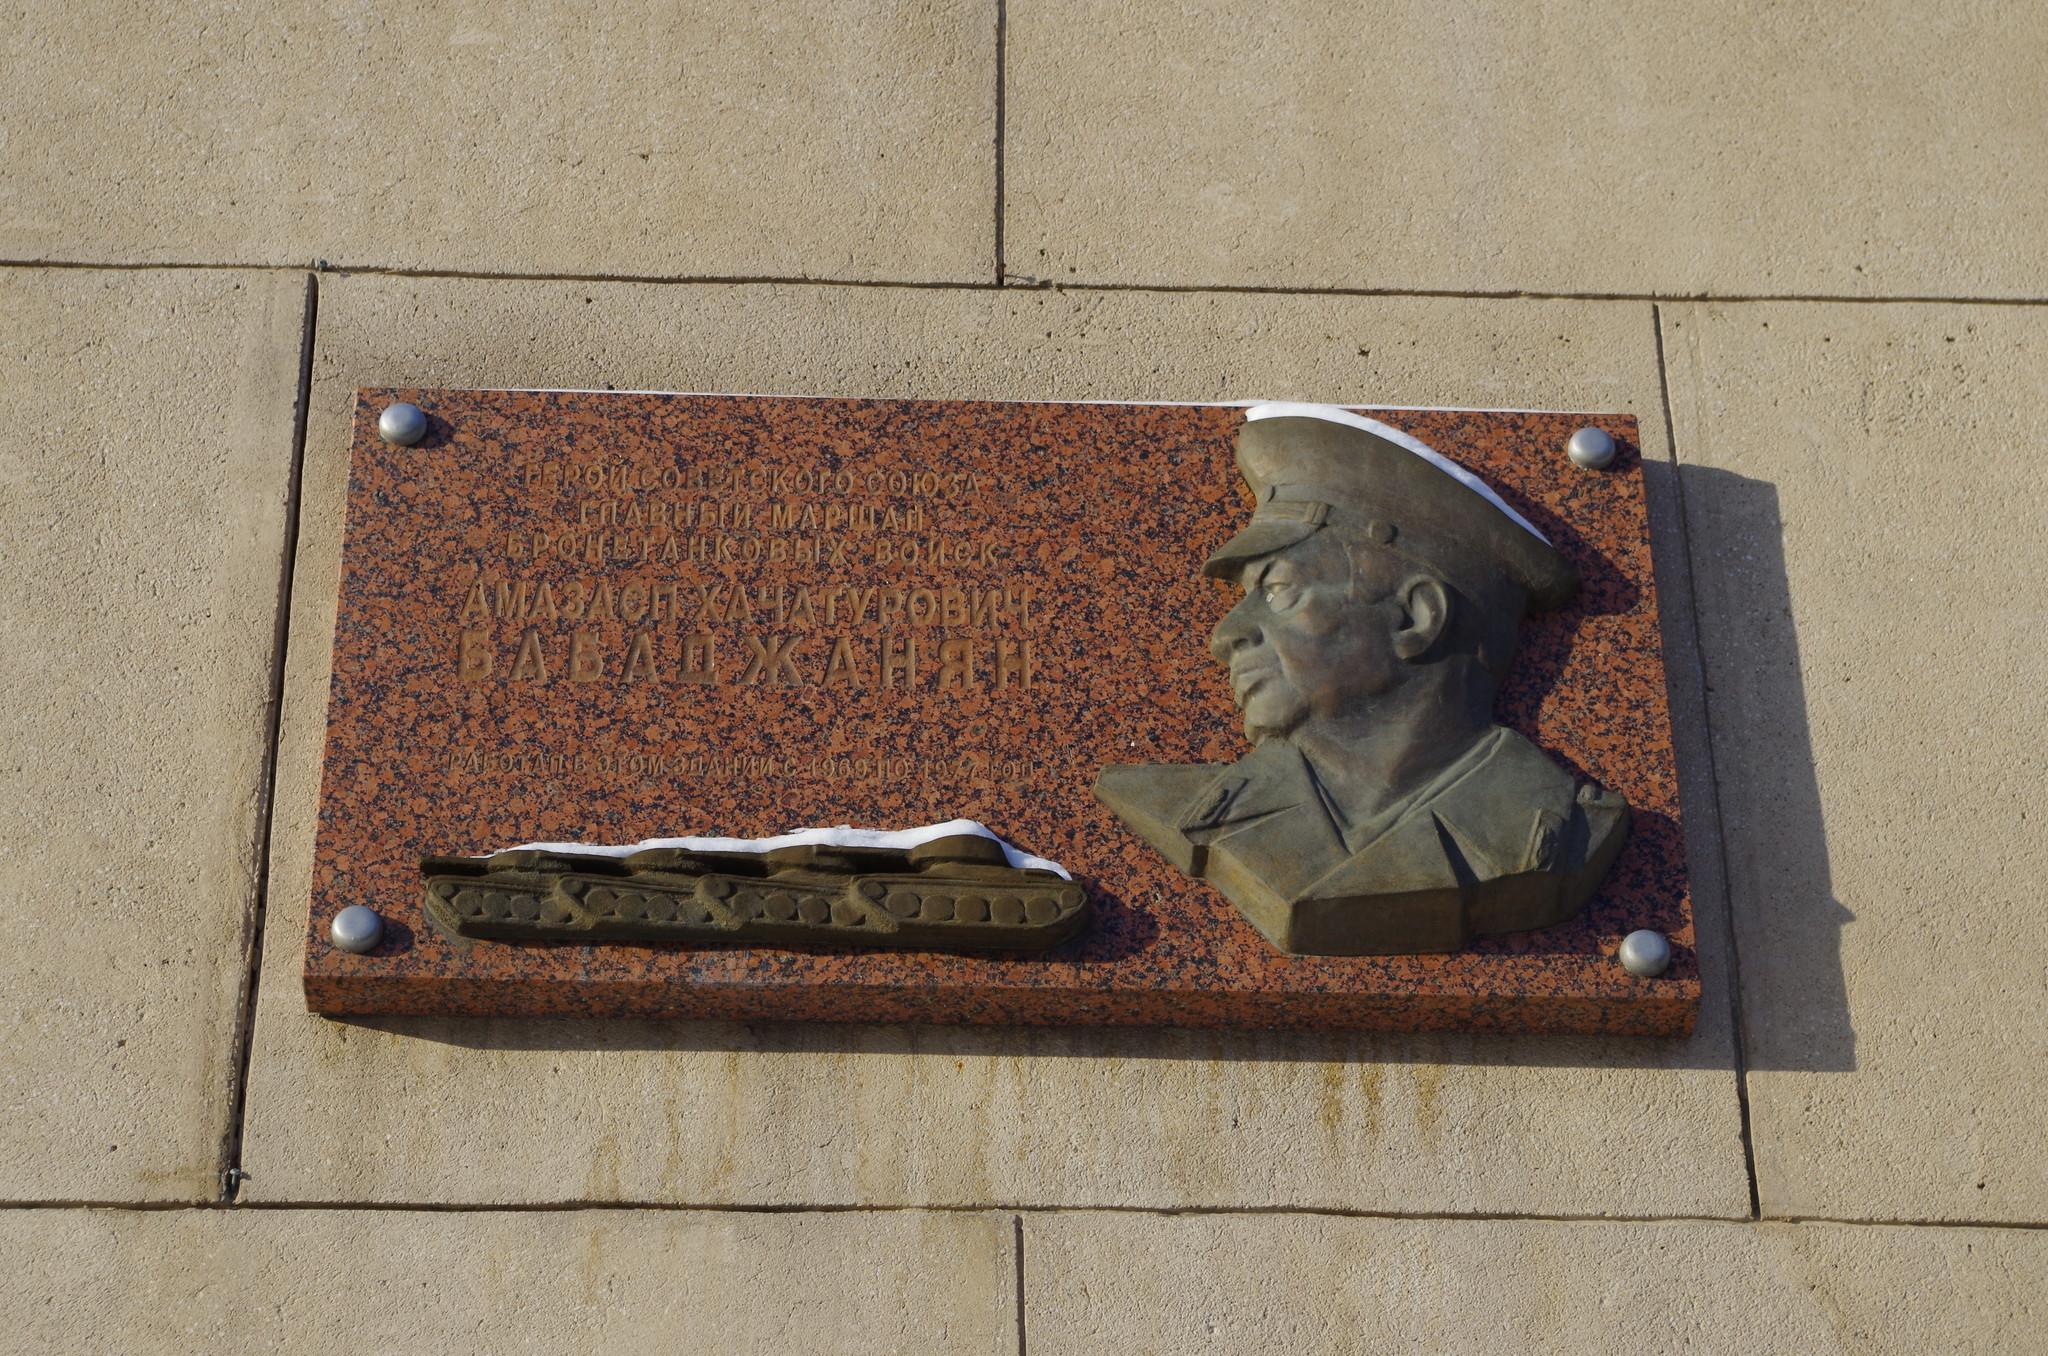 Мемориальная доска на доме 22/2 на Фрунзенской набережной, где работал Главный маршал бронетанковых войск А.Х. Бабаджанян